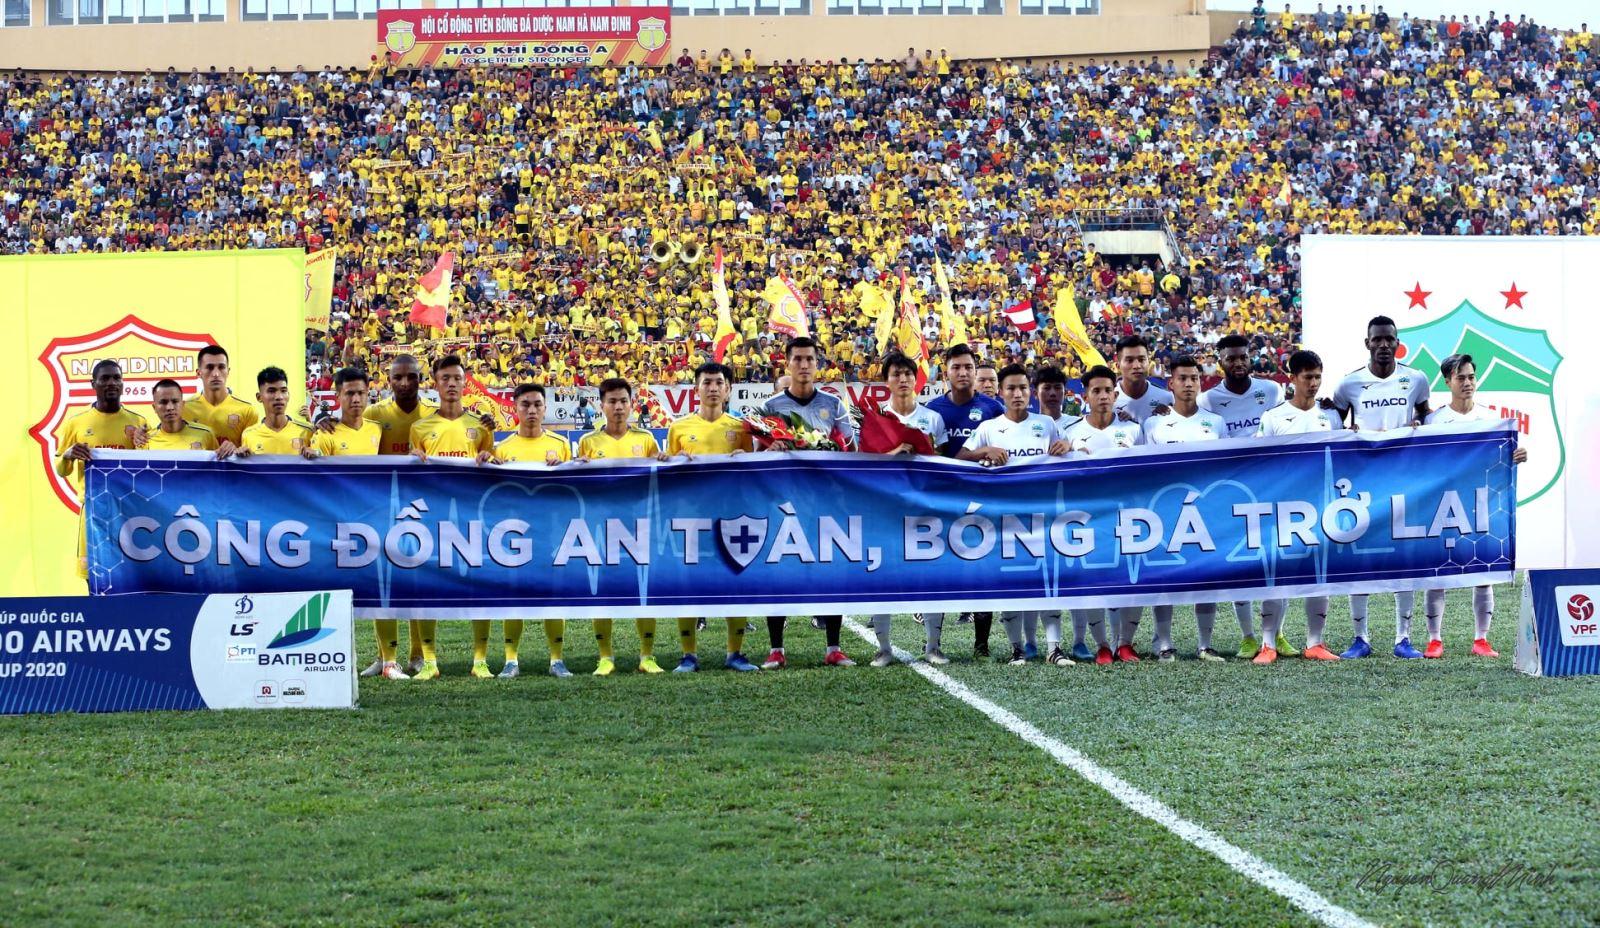 bóng đá Việt Nam, tin tức bóng đá, lịch thi đấu bóng đá Việt Nam hôm nay, kết quả bóng đá, V-League, hoãn V-League vì COVID-19, lịch thi đấu bóng đá hôm nay